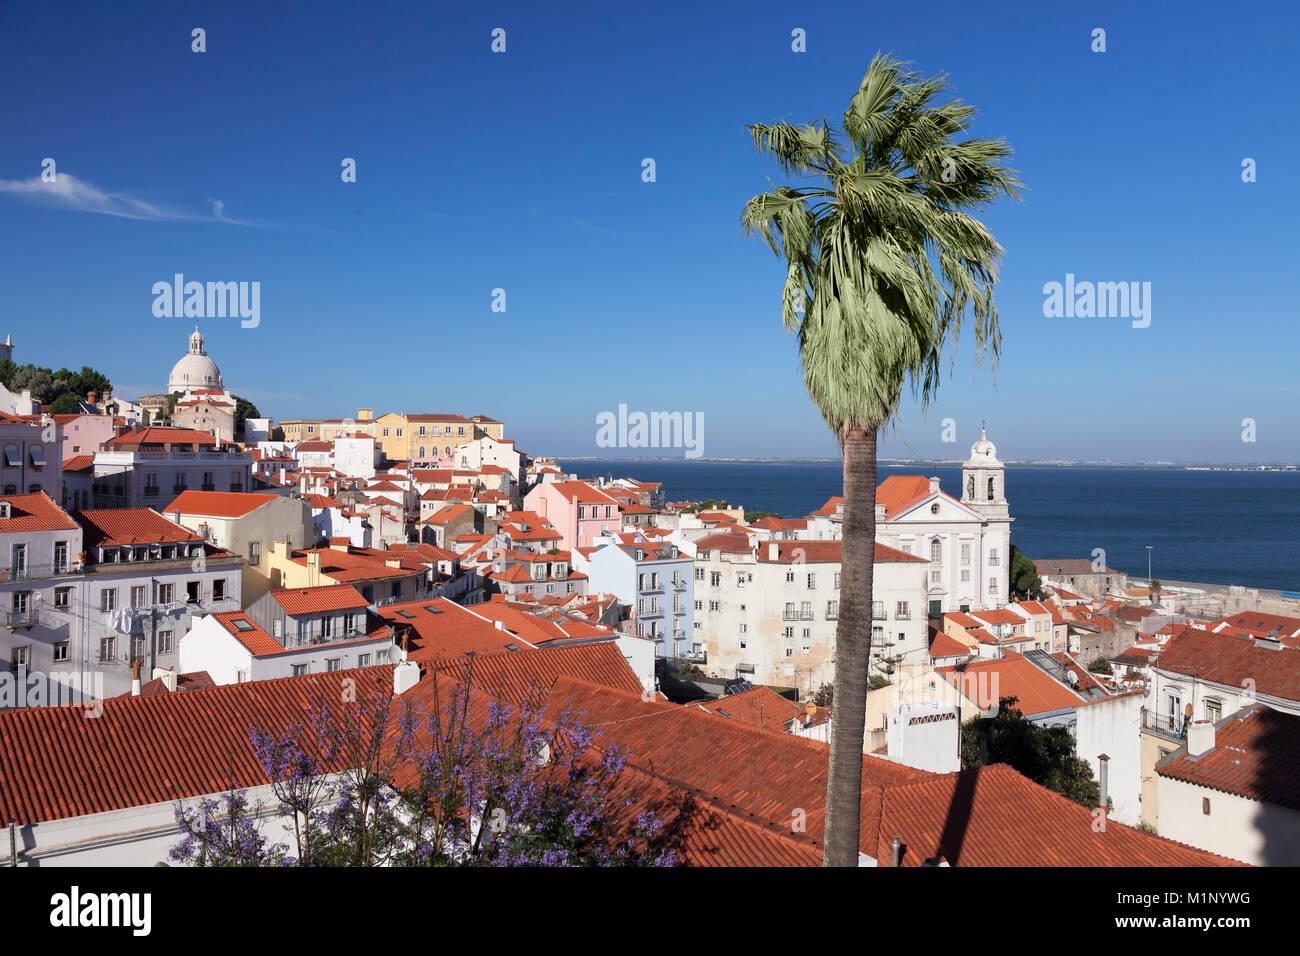 Vue de Santa Luzia et point de vue sur l'Alfama district à l'Tage, Lisbonne, Portugal, Europe Banque D'Images